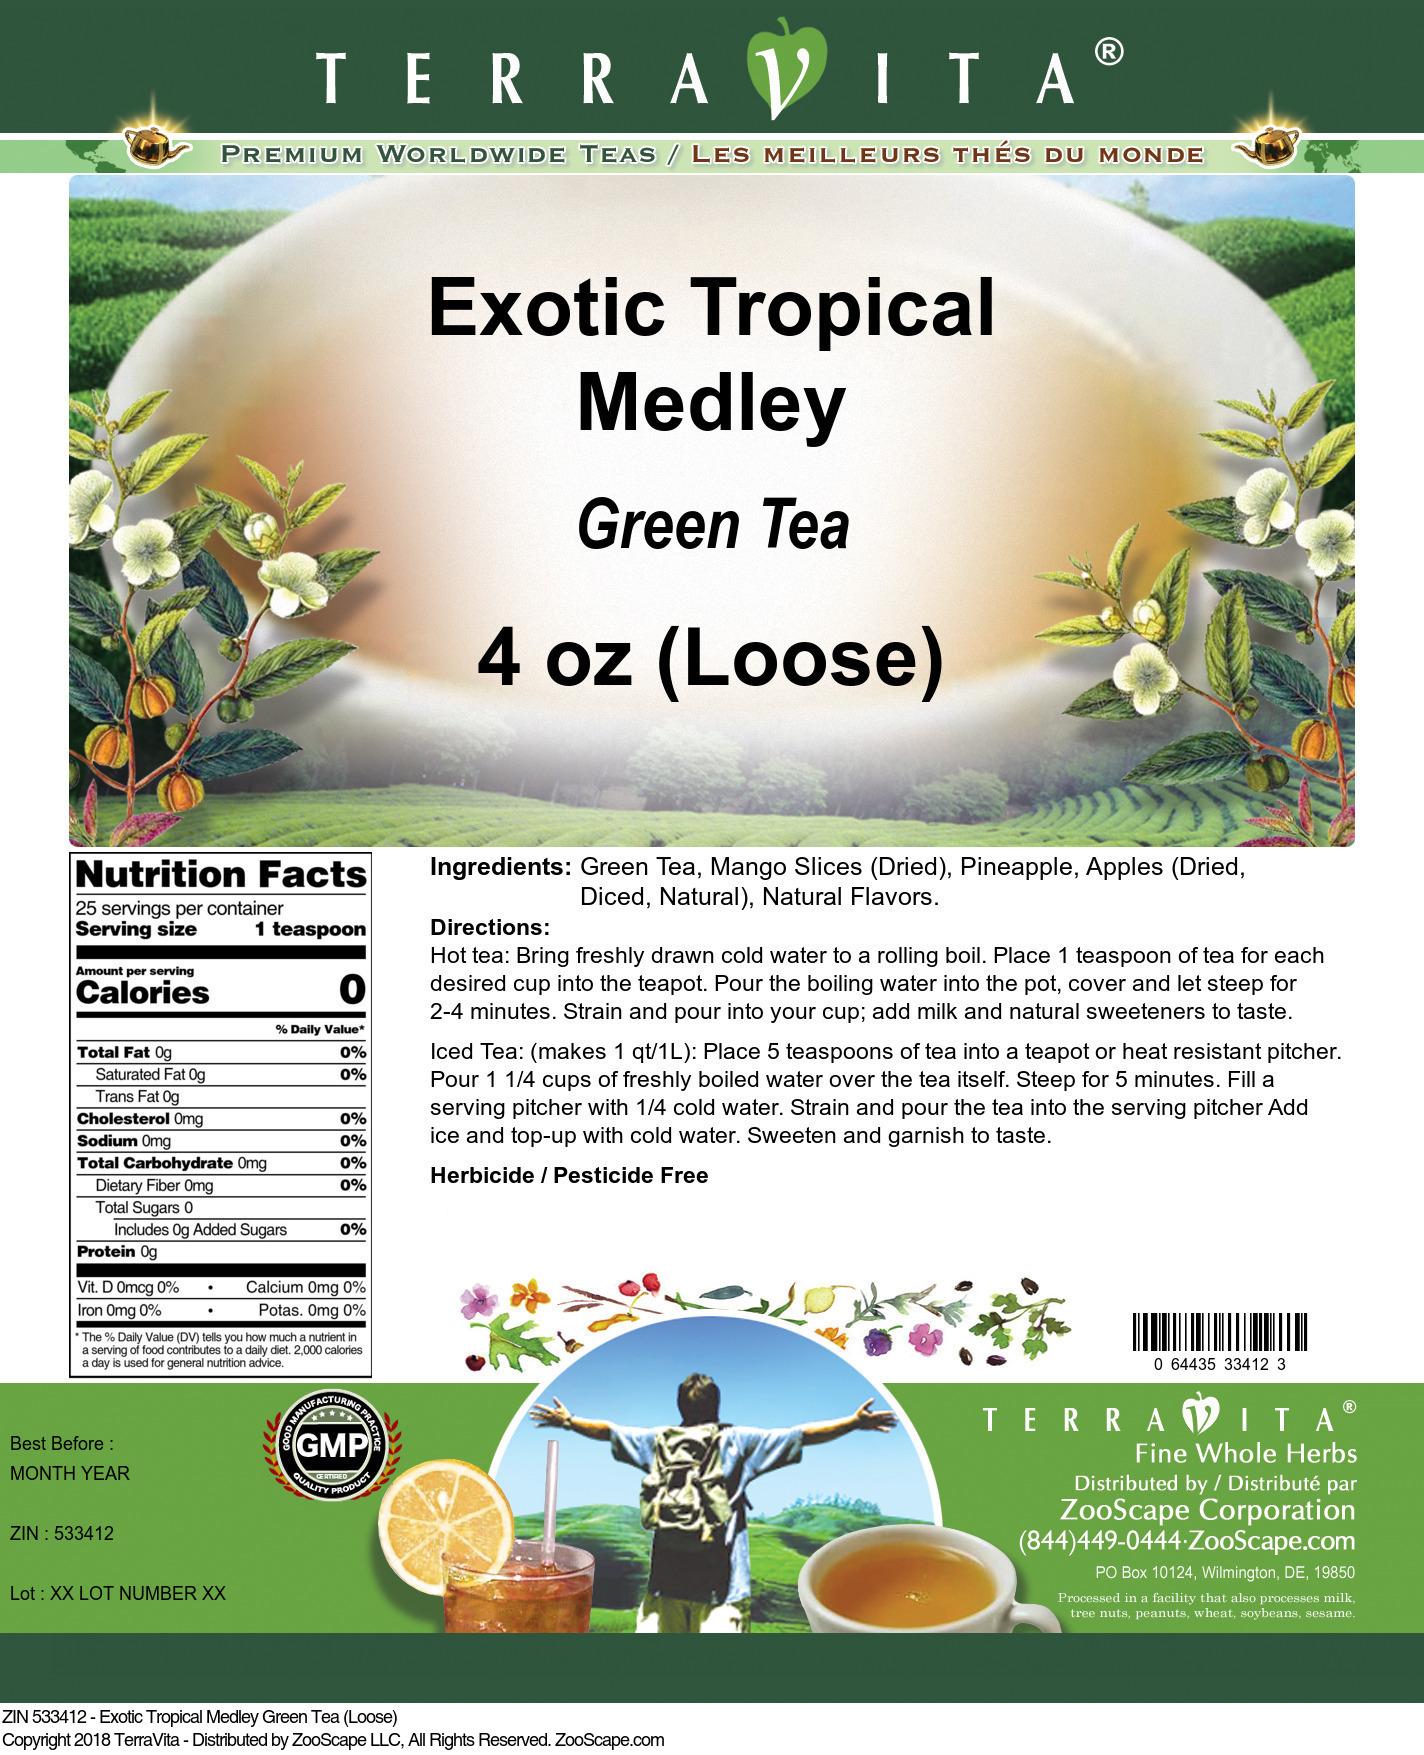 Exotic Tropical Medley Green Tea (Loose)